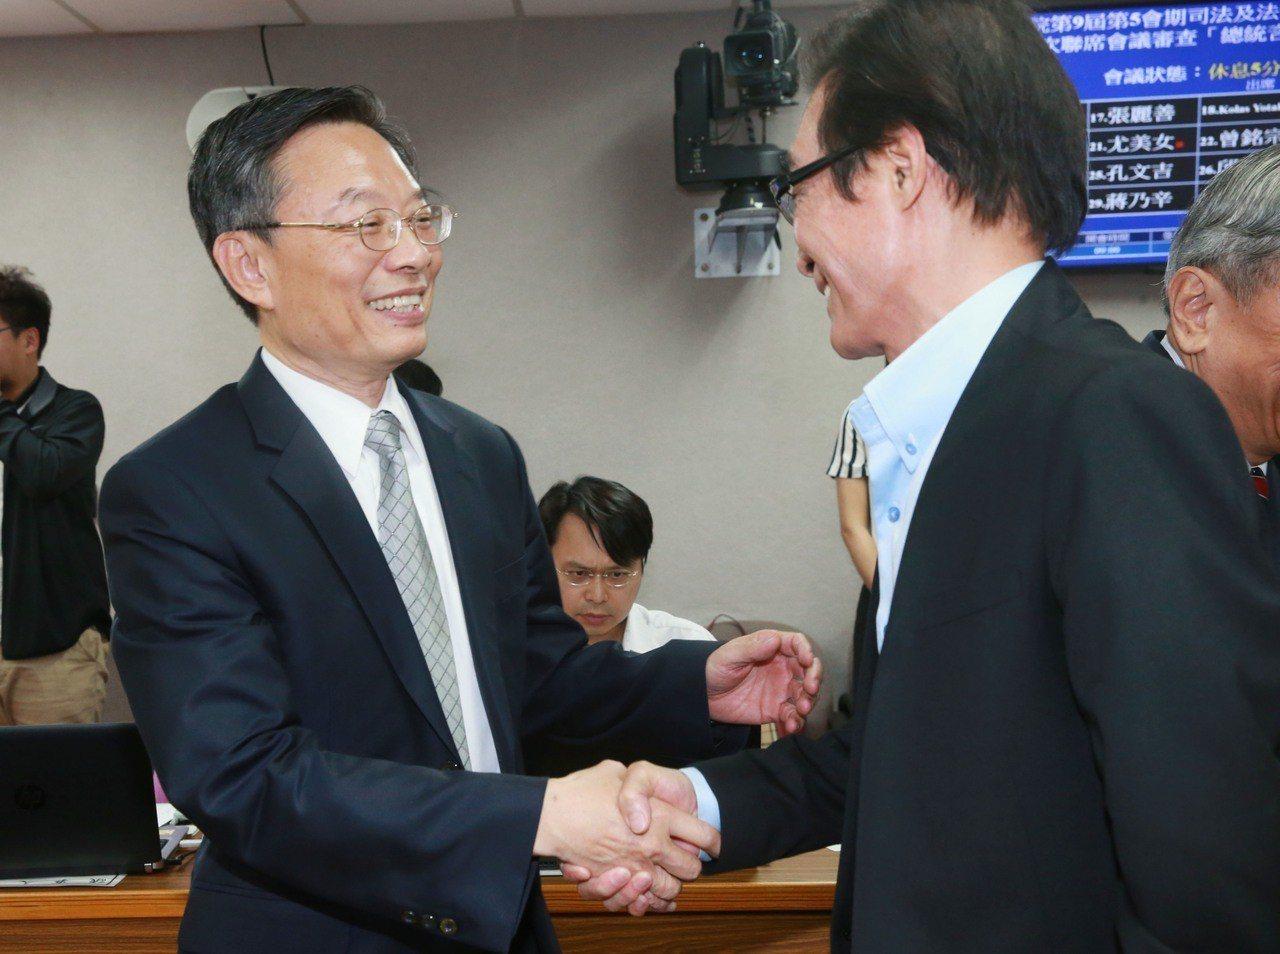 檢察總長被提名人江惠民(左)赴立院備詢。 聯合報記者黃義書/攝影